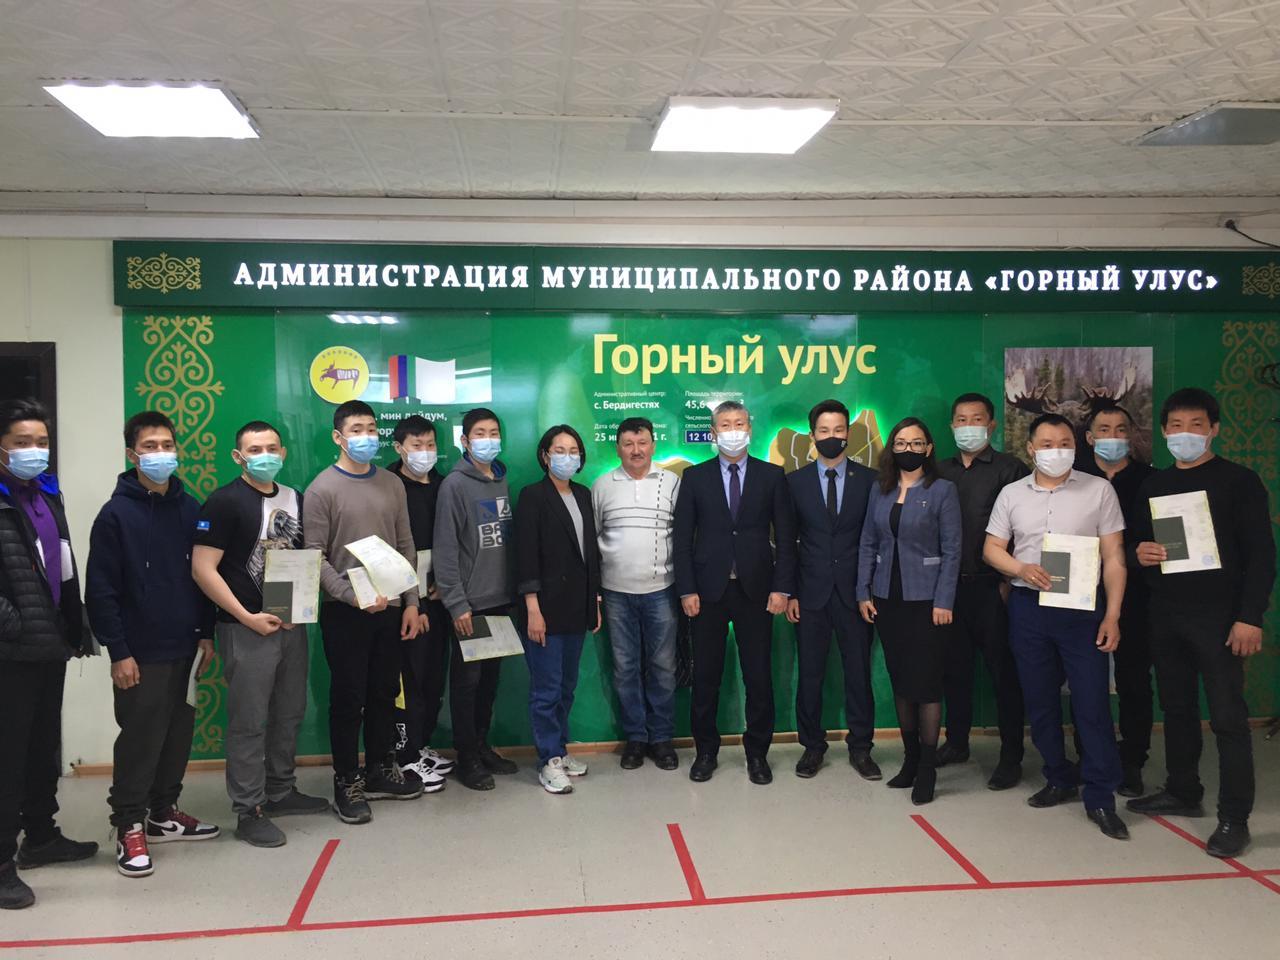 ЦОПП подготовил первых сварщиков в рамках проекта «Передвижной учебно-строительный комбинат «Пуск»